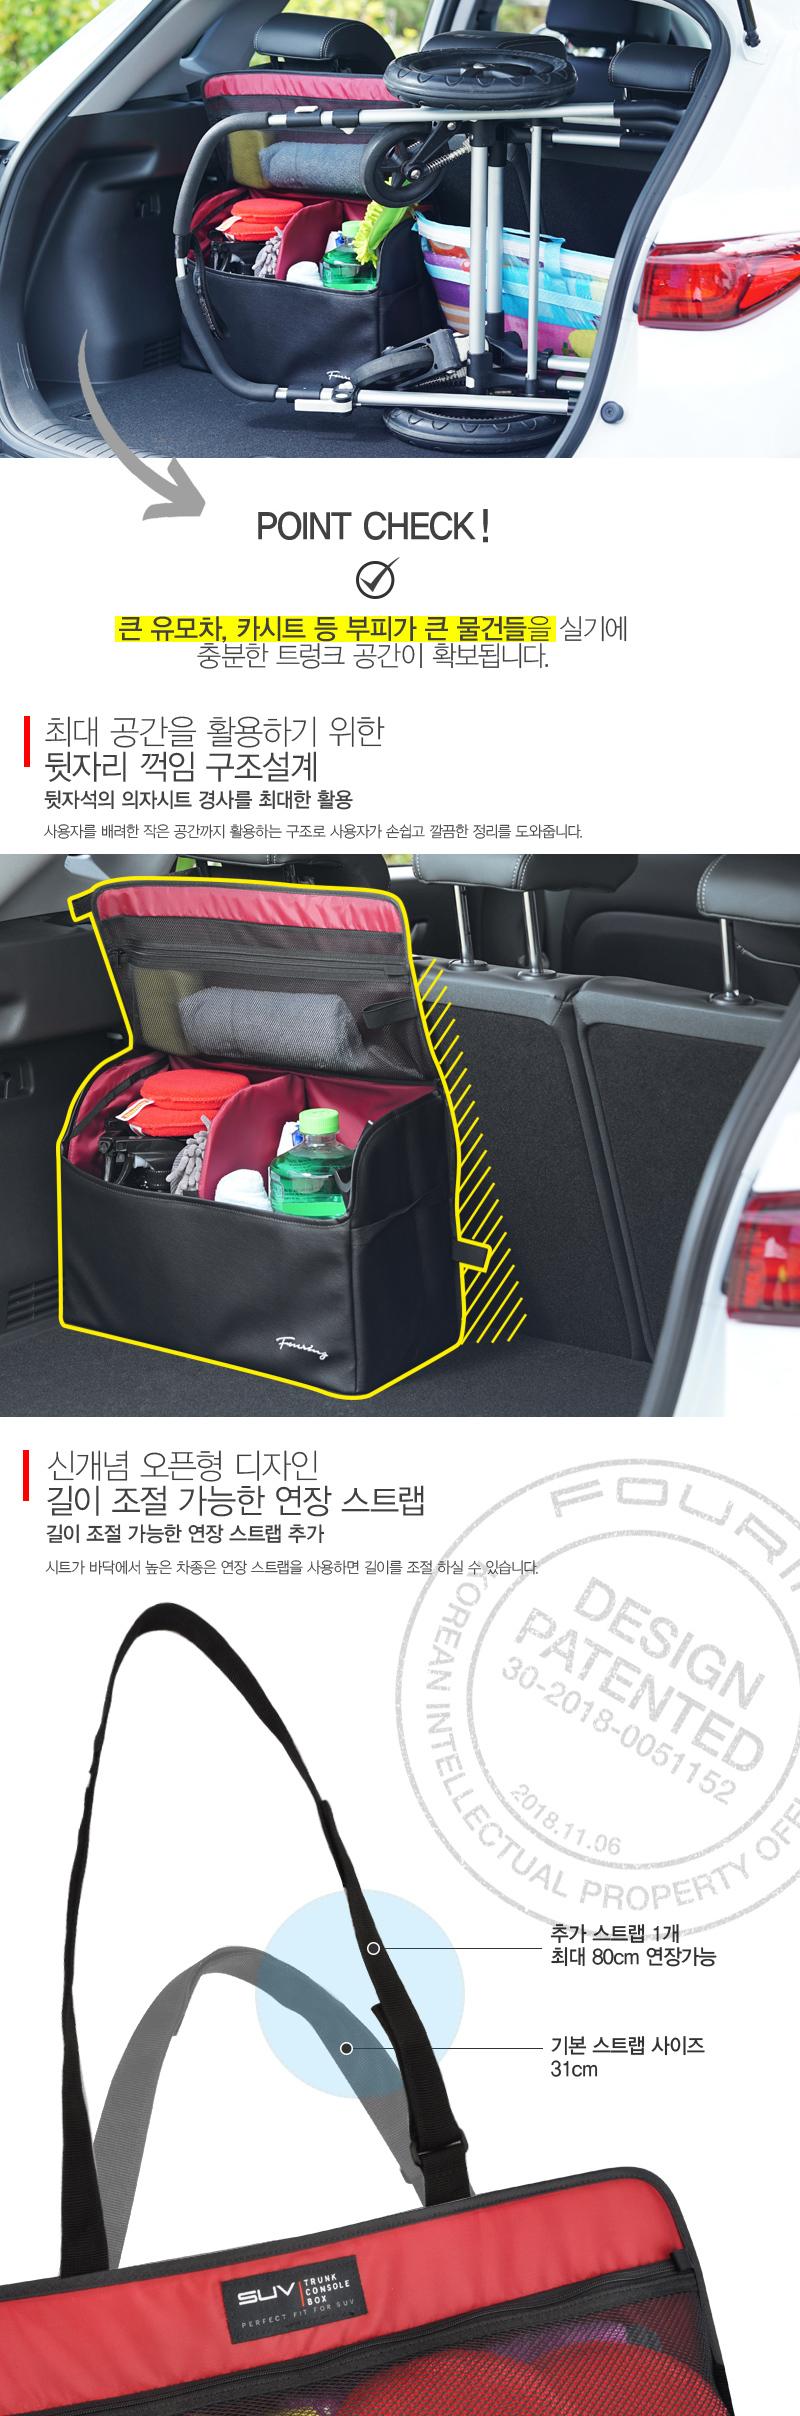 SUV-RV 트렁크 정리함 - 훠링, 35,800원, 차량용포켓/수납용품, 트렁크정리